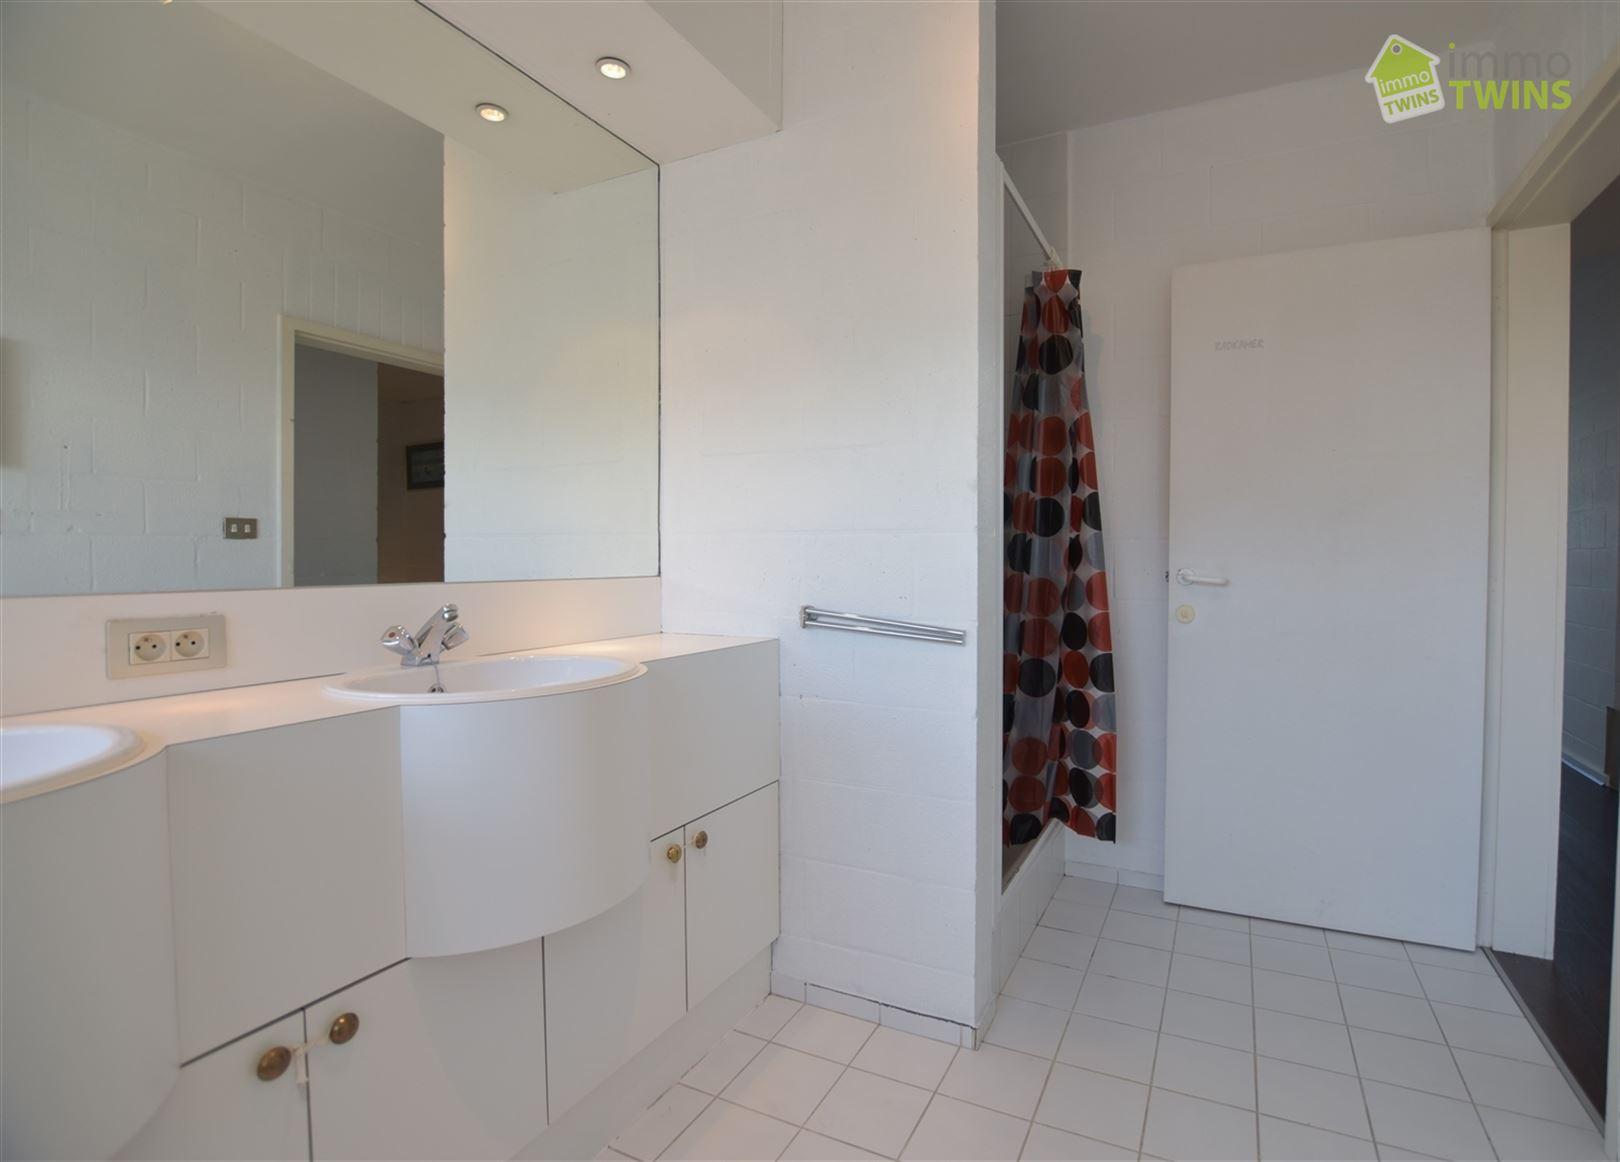 Foto 11 : Duplex/triplex te 9280 LEBBEKE (België) - Prijs € 257.000